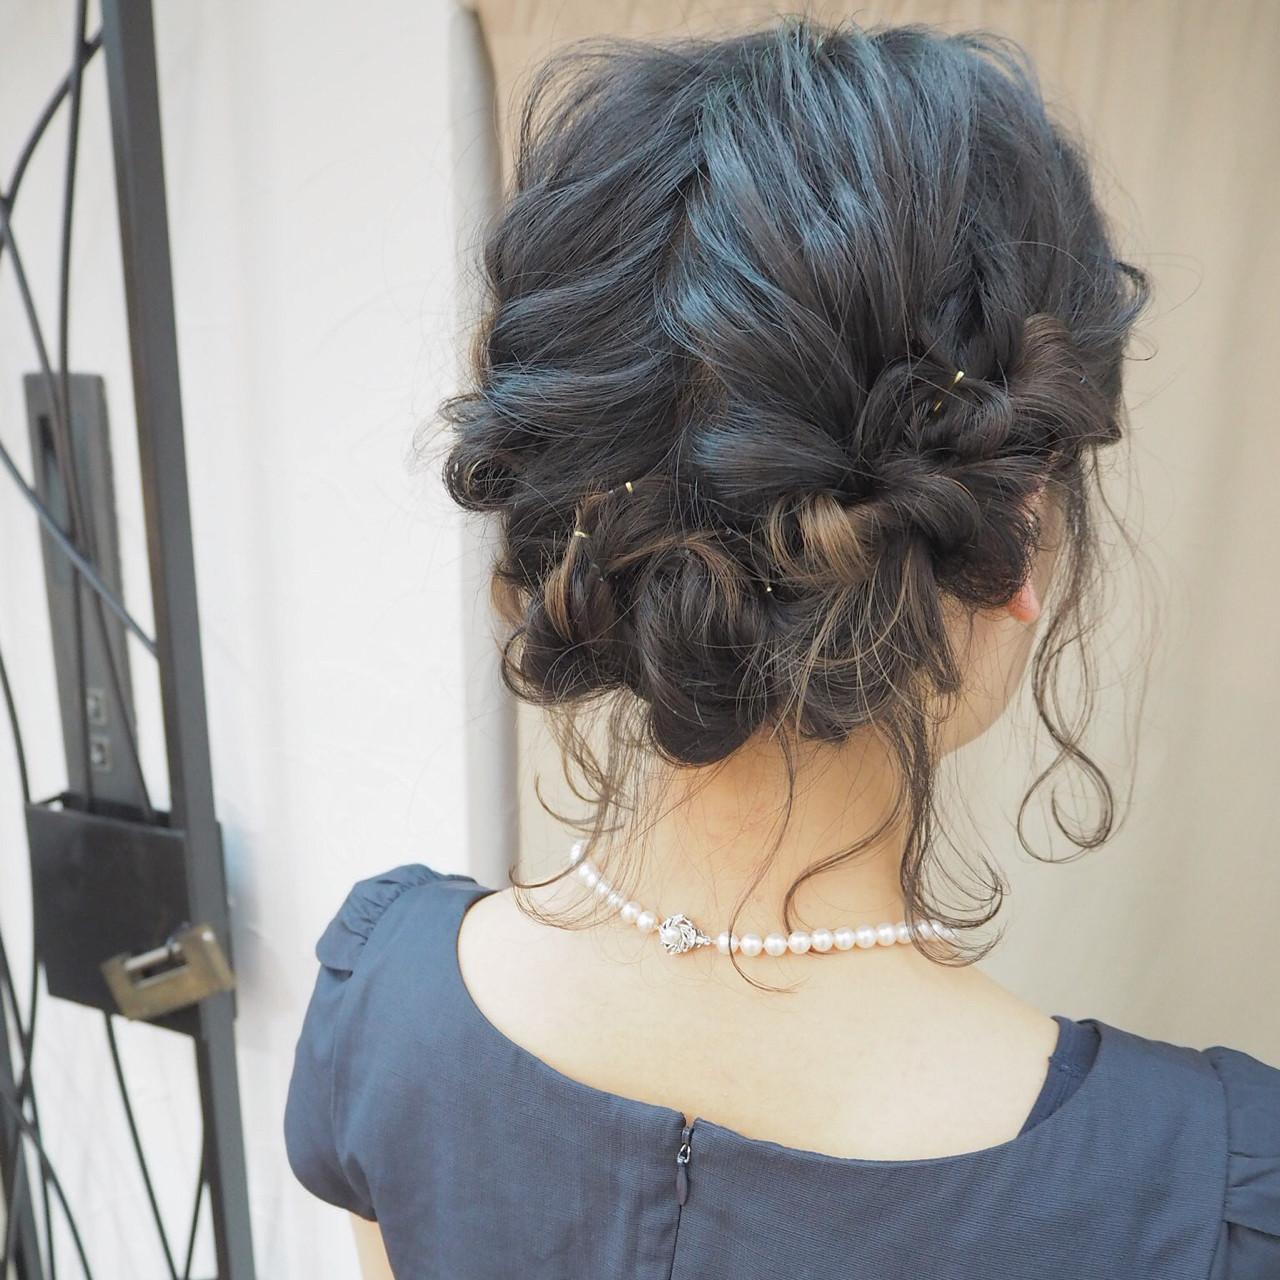 ヘアアレンジ ショート ボブ インナーカラー ヘアスタイルや髪型の写真・画像 | 宮迫 真美 / airfeel